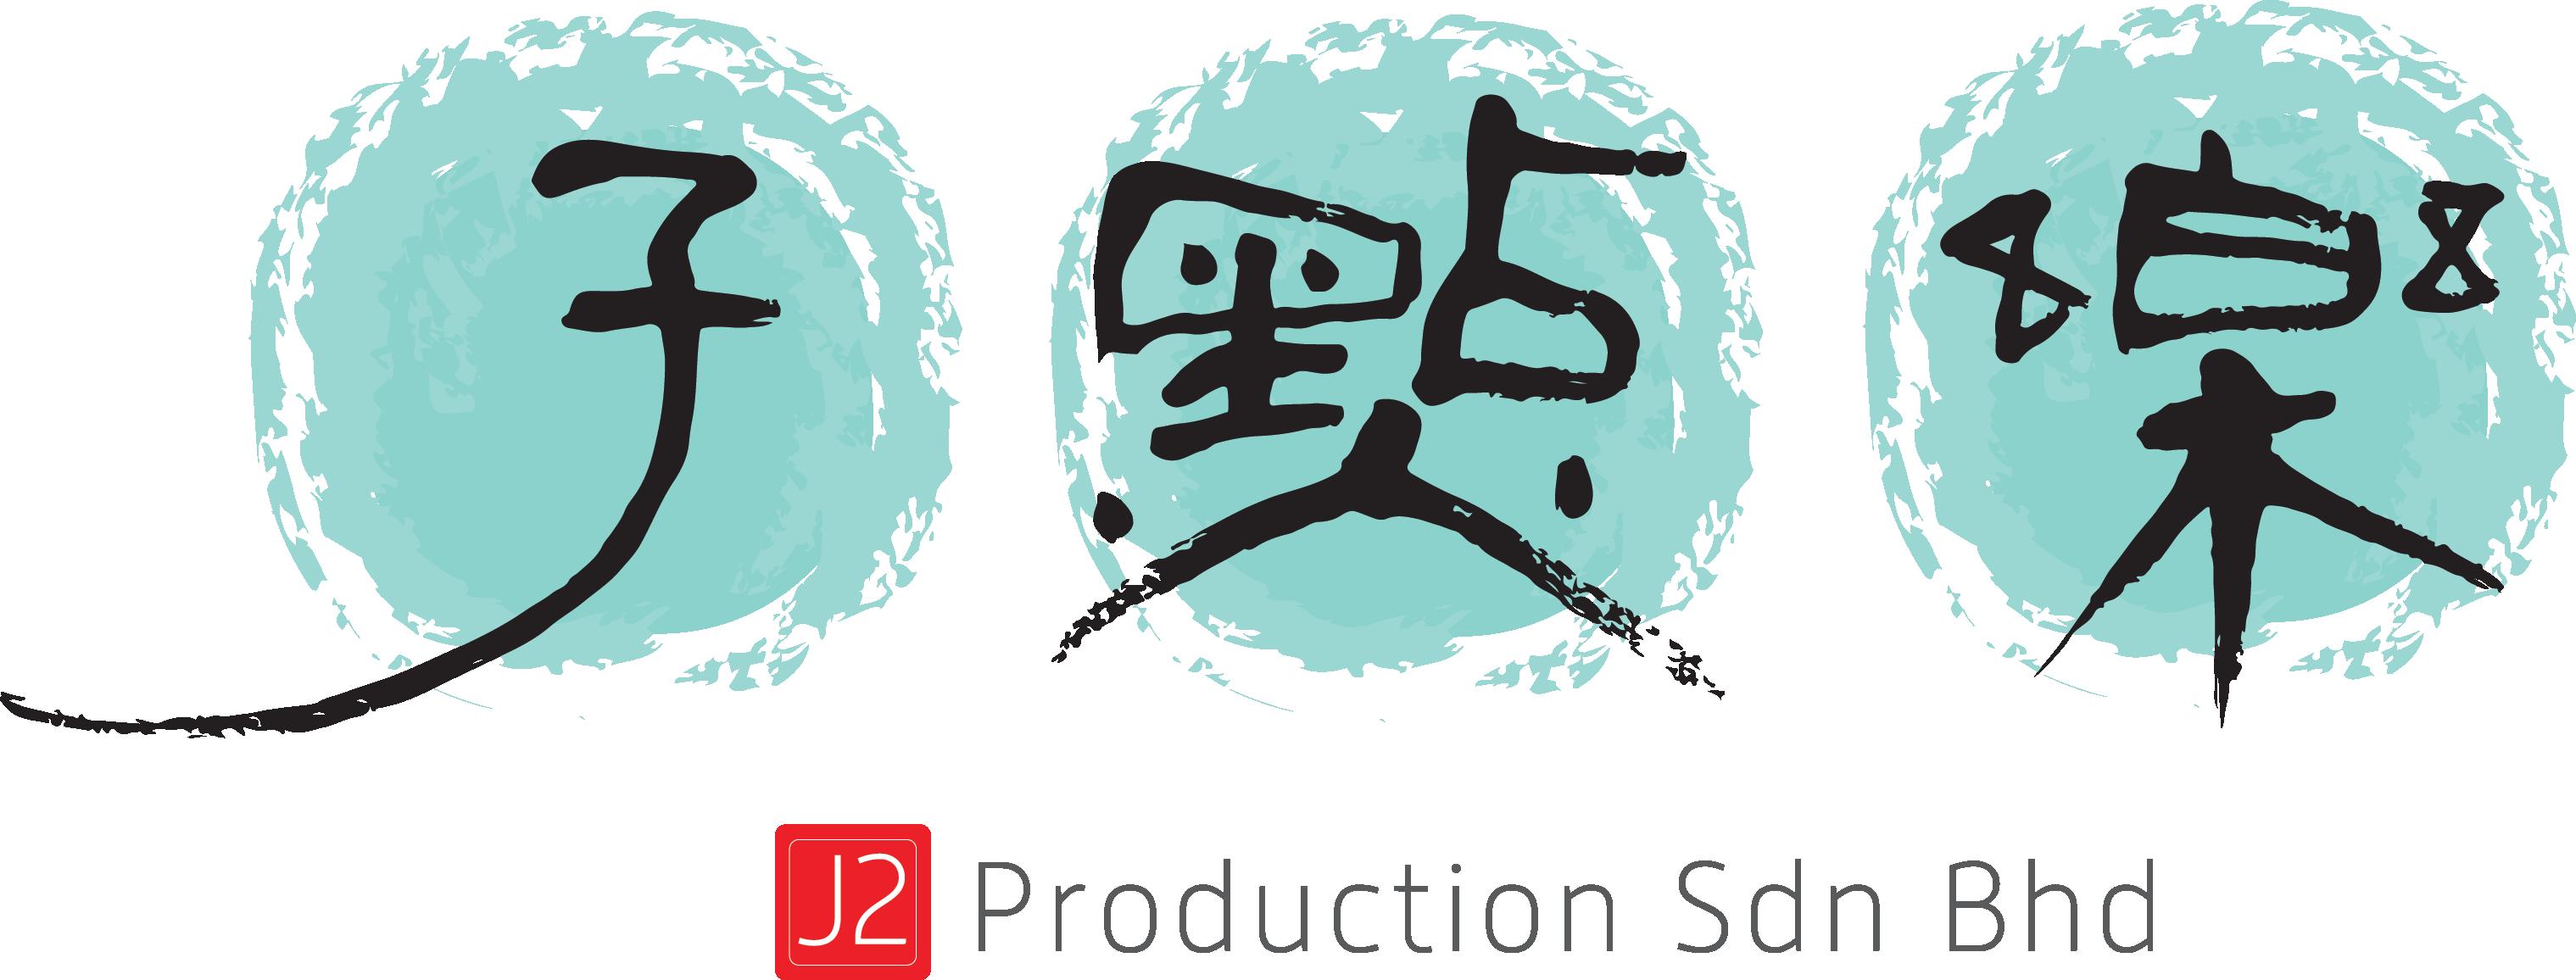 J2Production